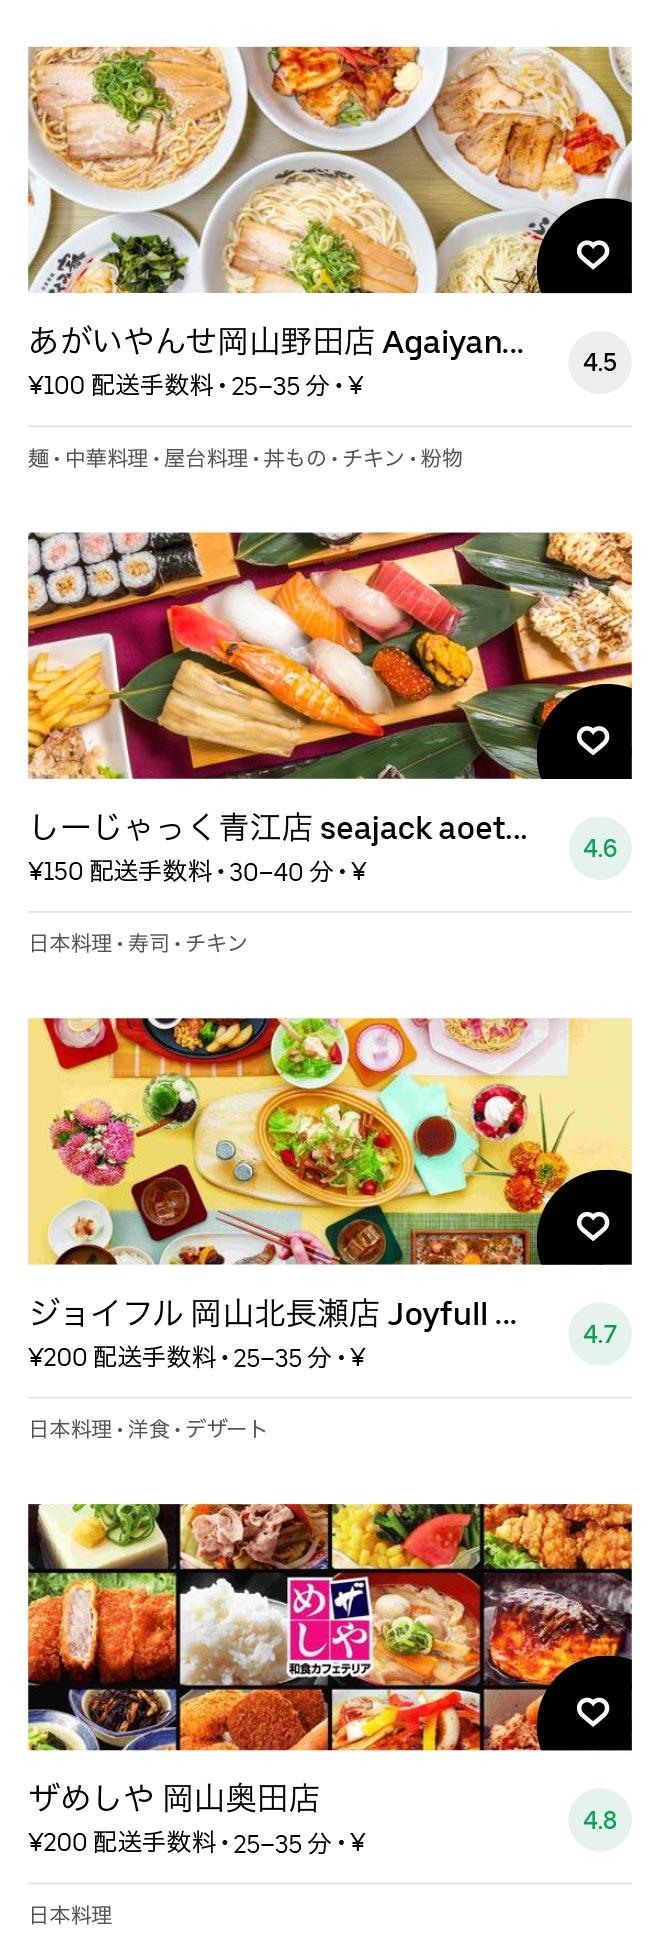 Bizen nishiichi menu 2011 10